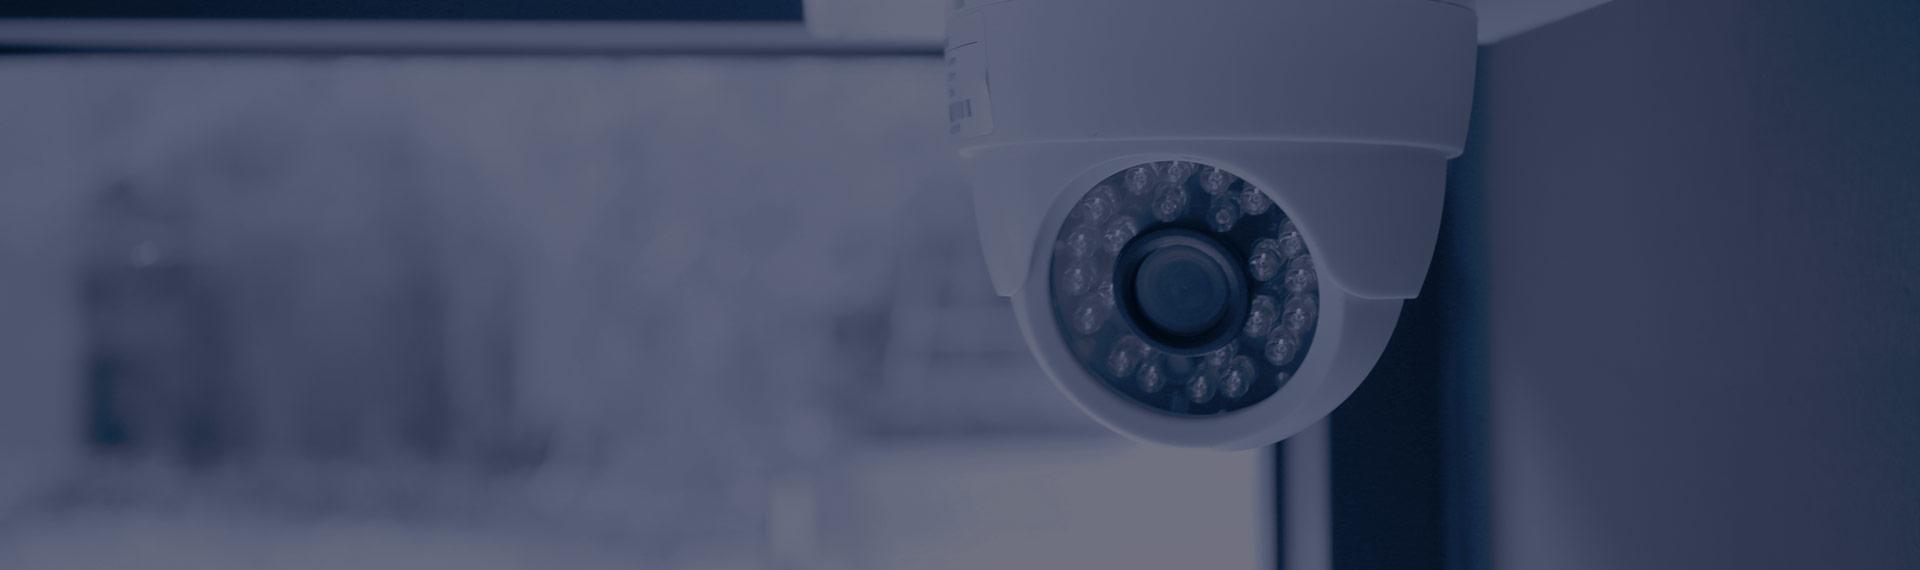 Sistemas de videovigilância CCTV